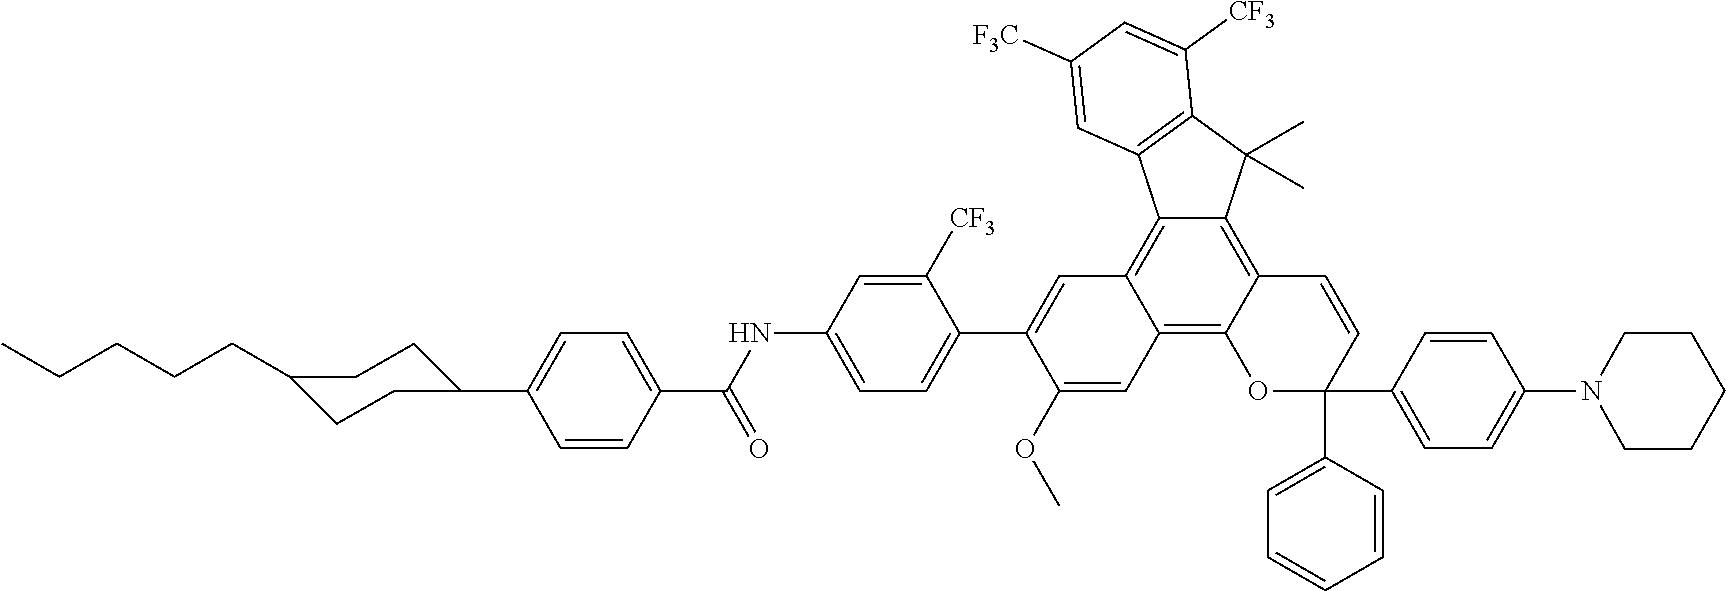 Figure US08518546-20130827-C00053